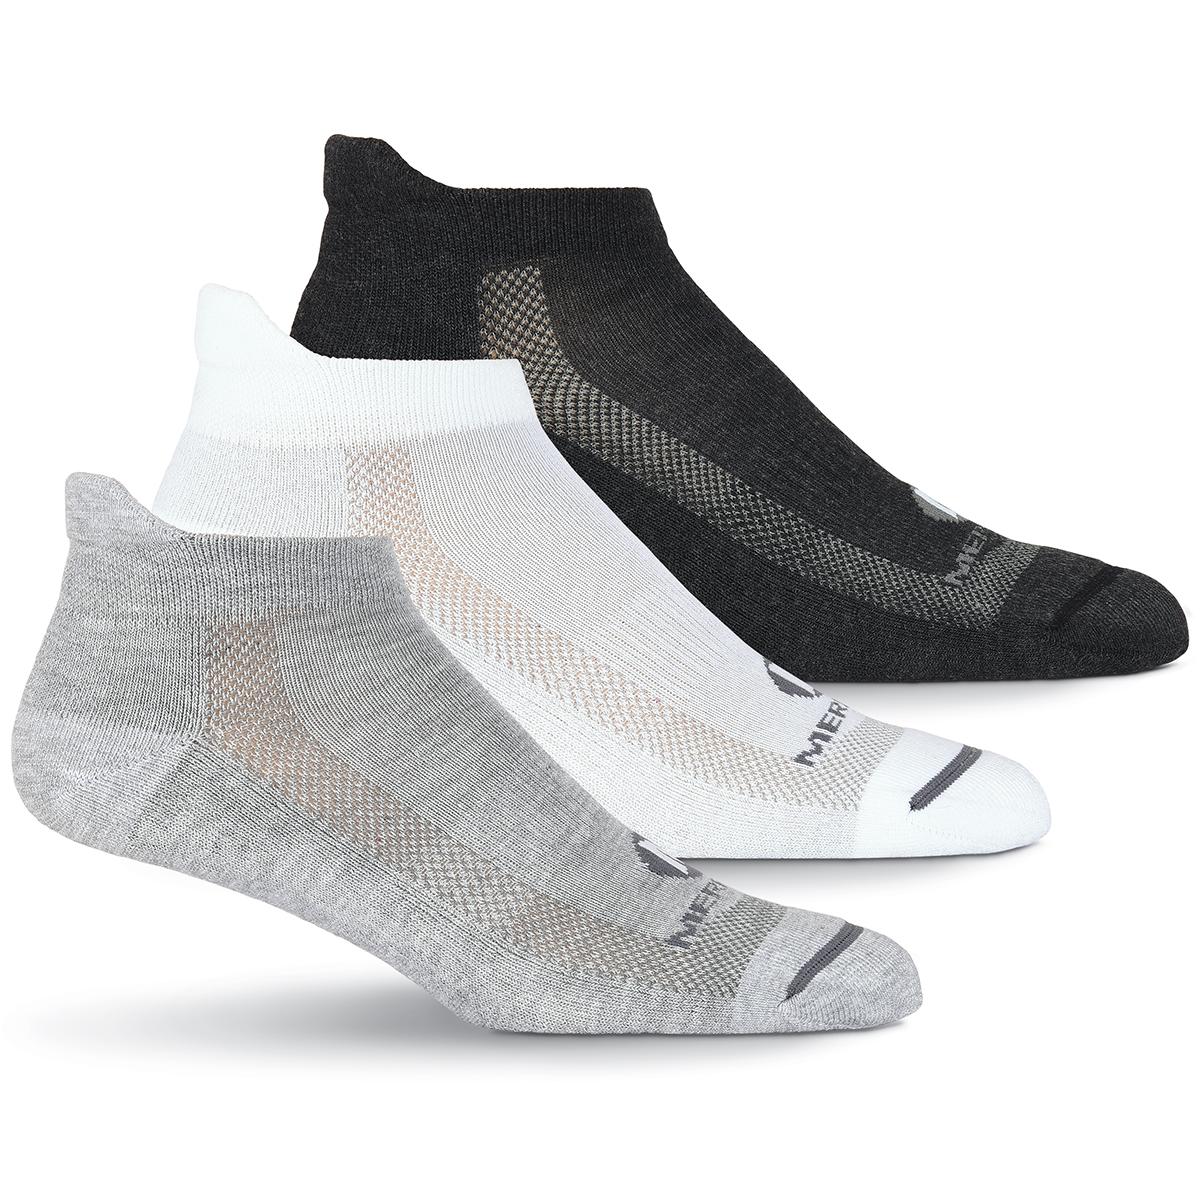 Merrell Men's Low Cut Tab Socks, 3 Pack - Black, L/XL